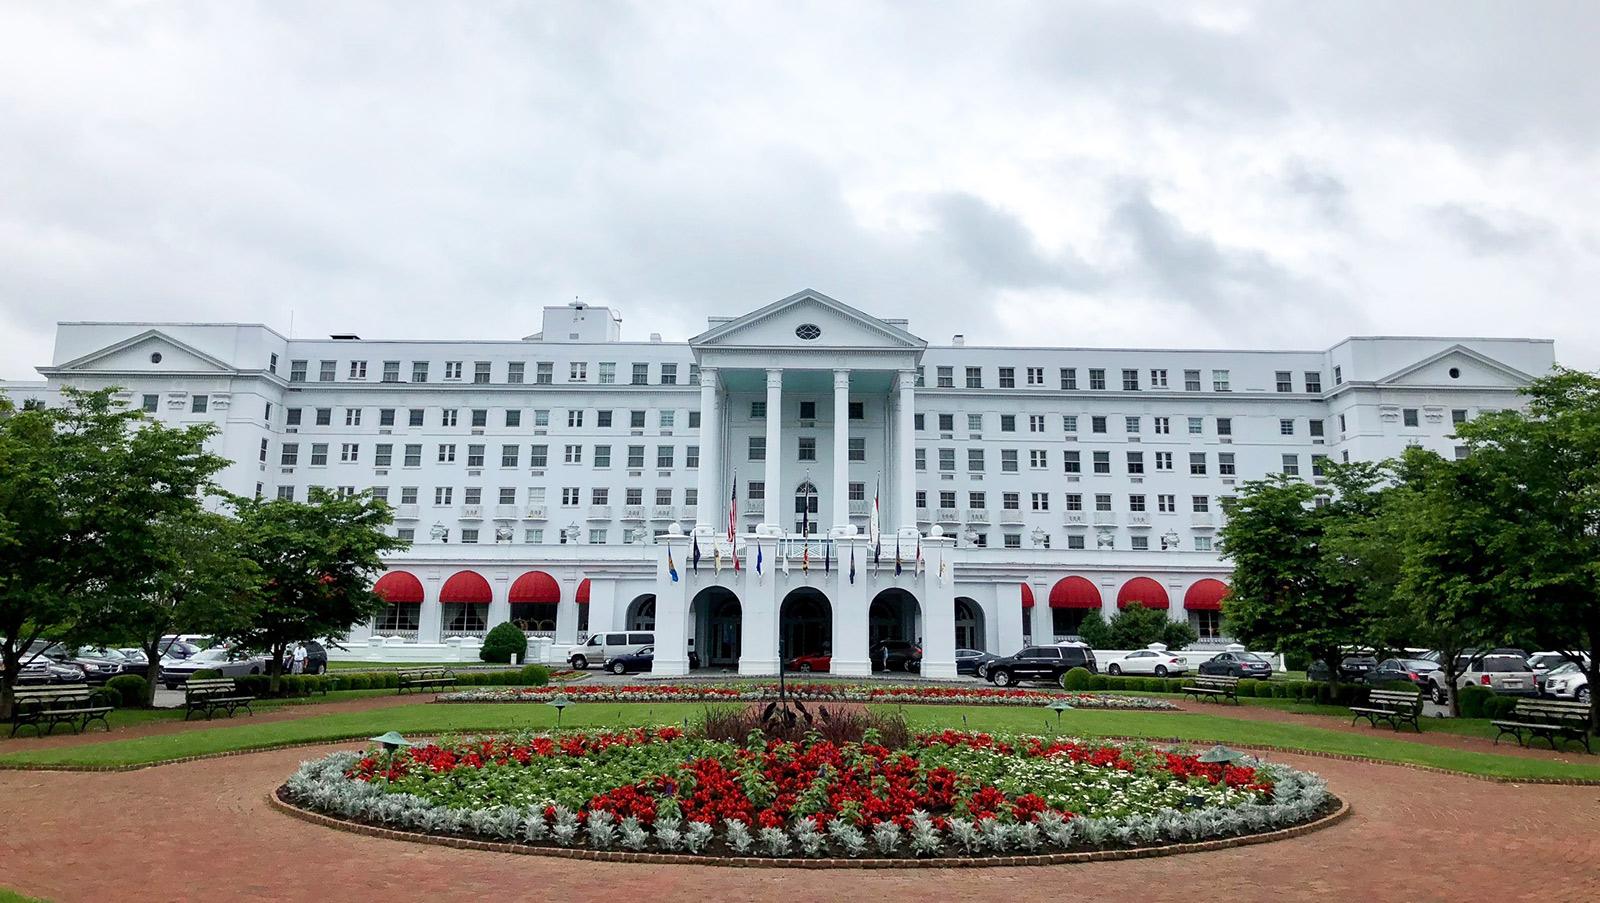 thre-greenbrier-hotel-charlotte